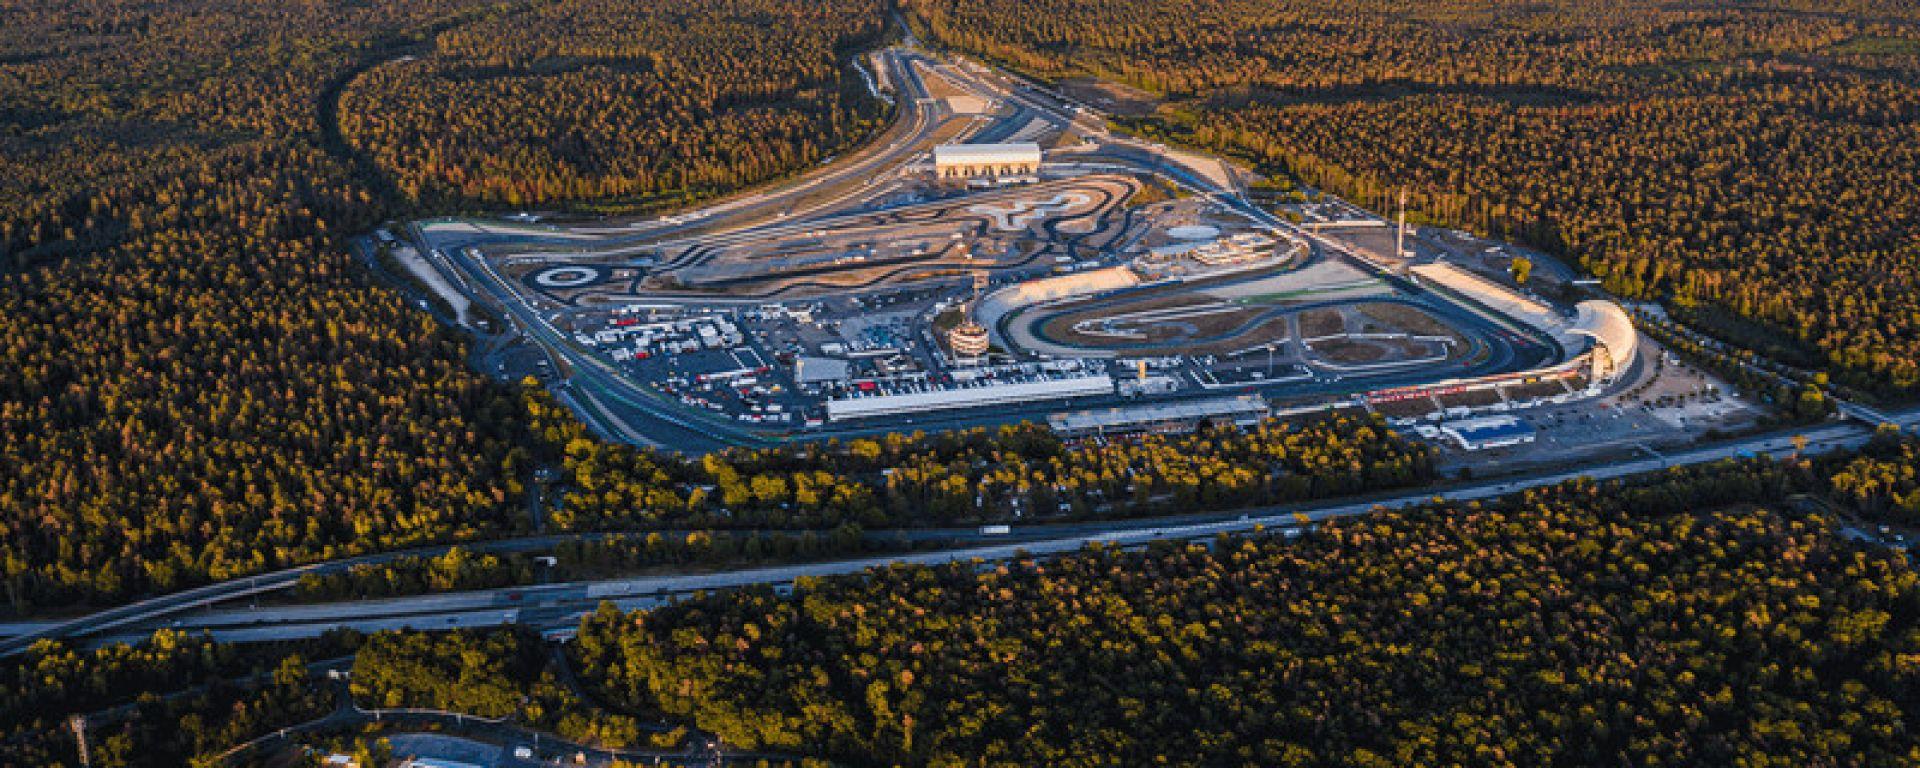 Vista aerea del circuito tedesco di Hockenheim